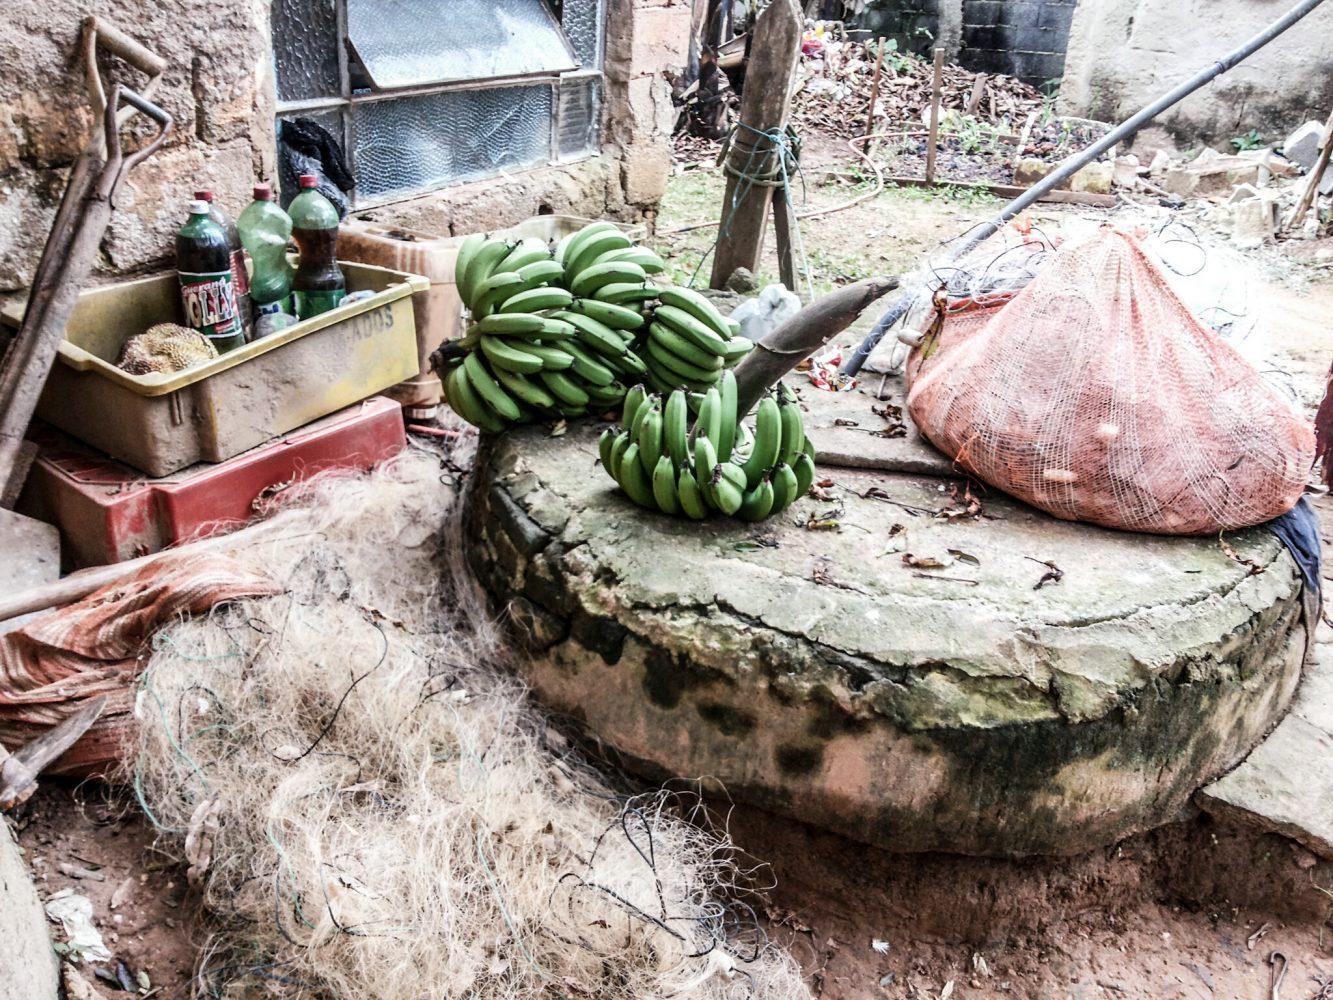 Com poços contaminados, bairros do Grajaú seguem sem saneamento básico